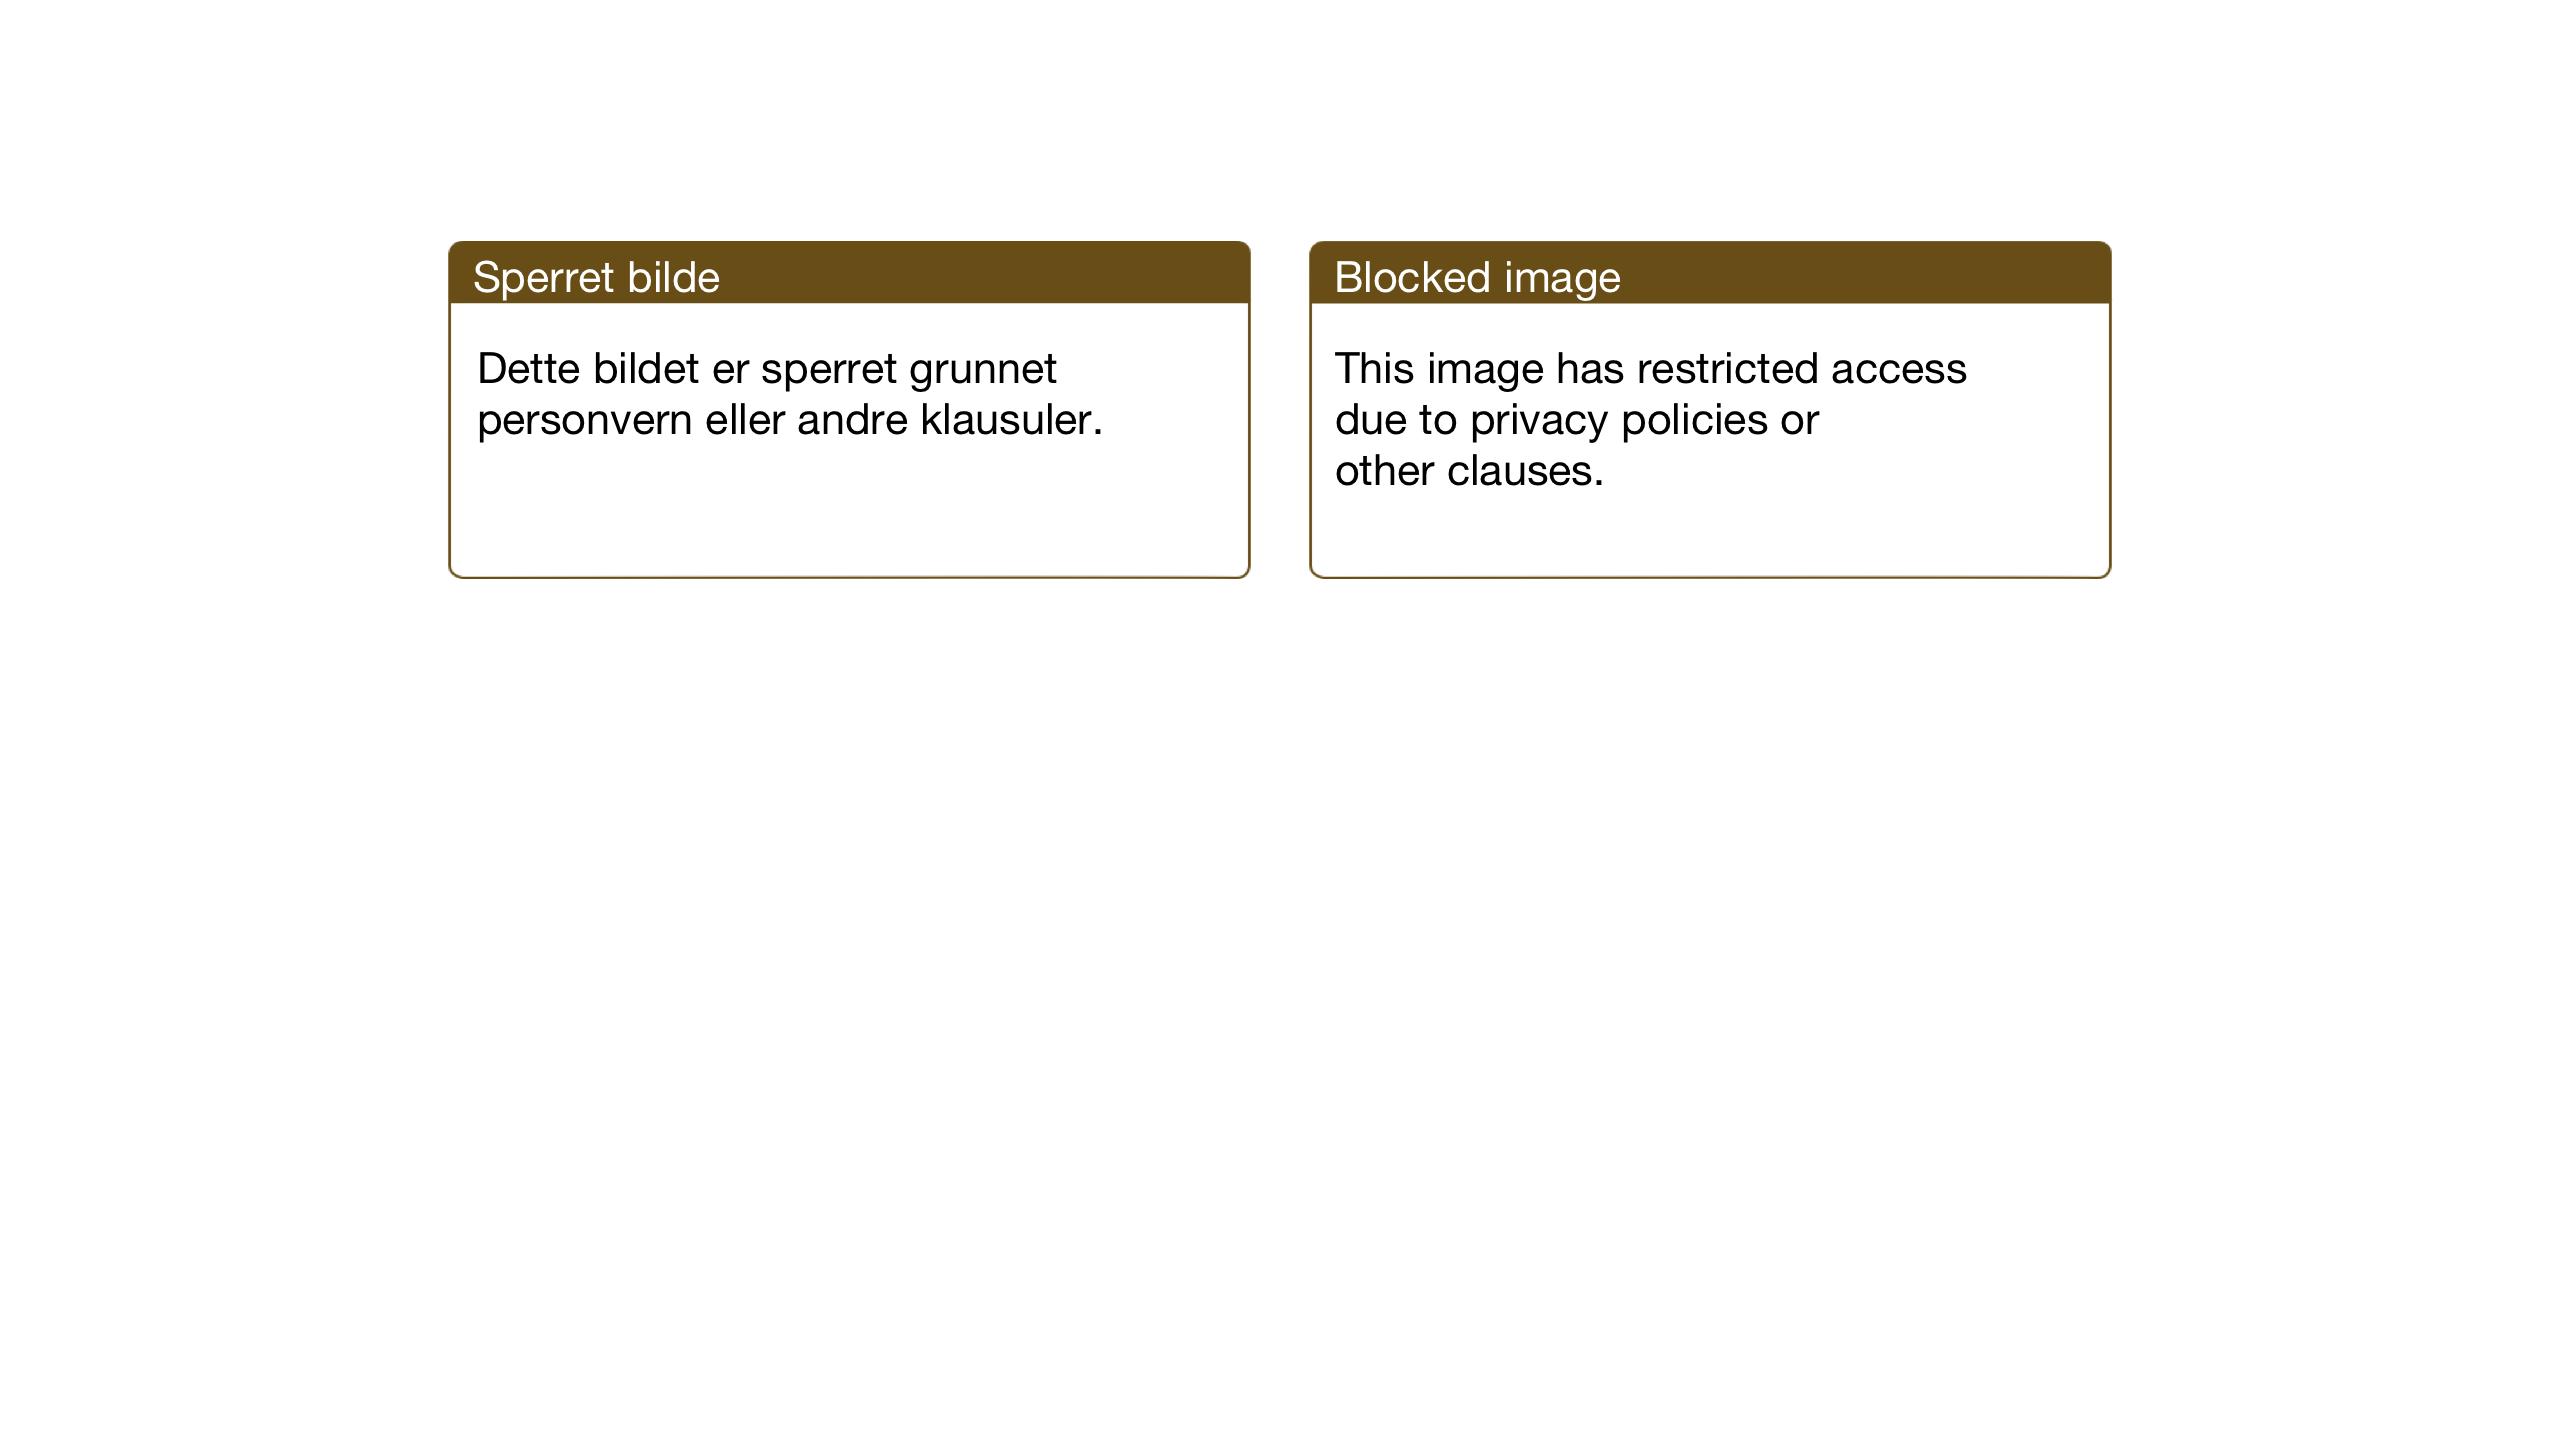 SAT, Ministerialprotokoller, klokkerbøker og fødselsregistre - Sør-Trøndelag, 688/L1030: Klokkerbok nr. 688C05, 1916-1939, s. 76